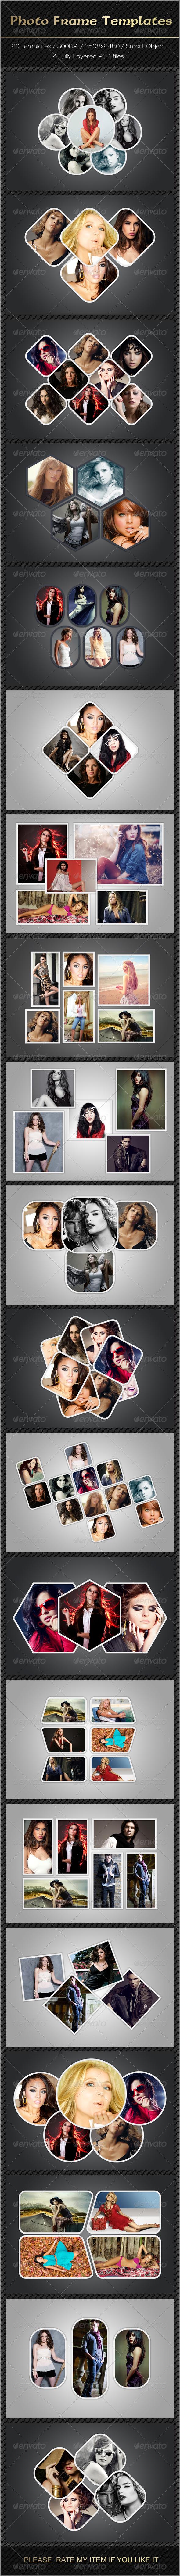 GraphicRiver Photo Frame Templates 7790361